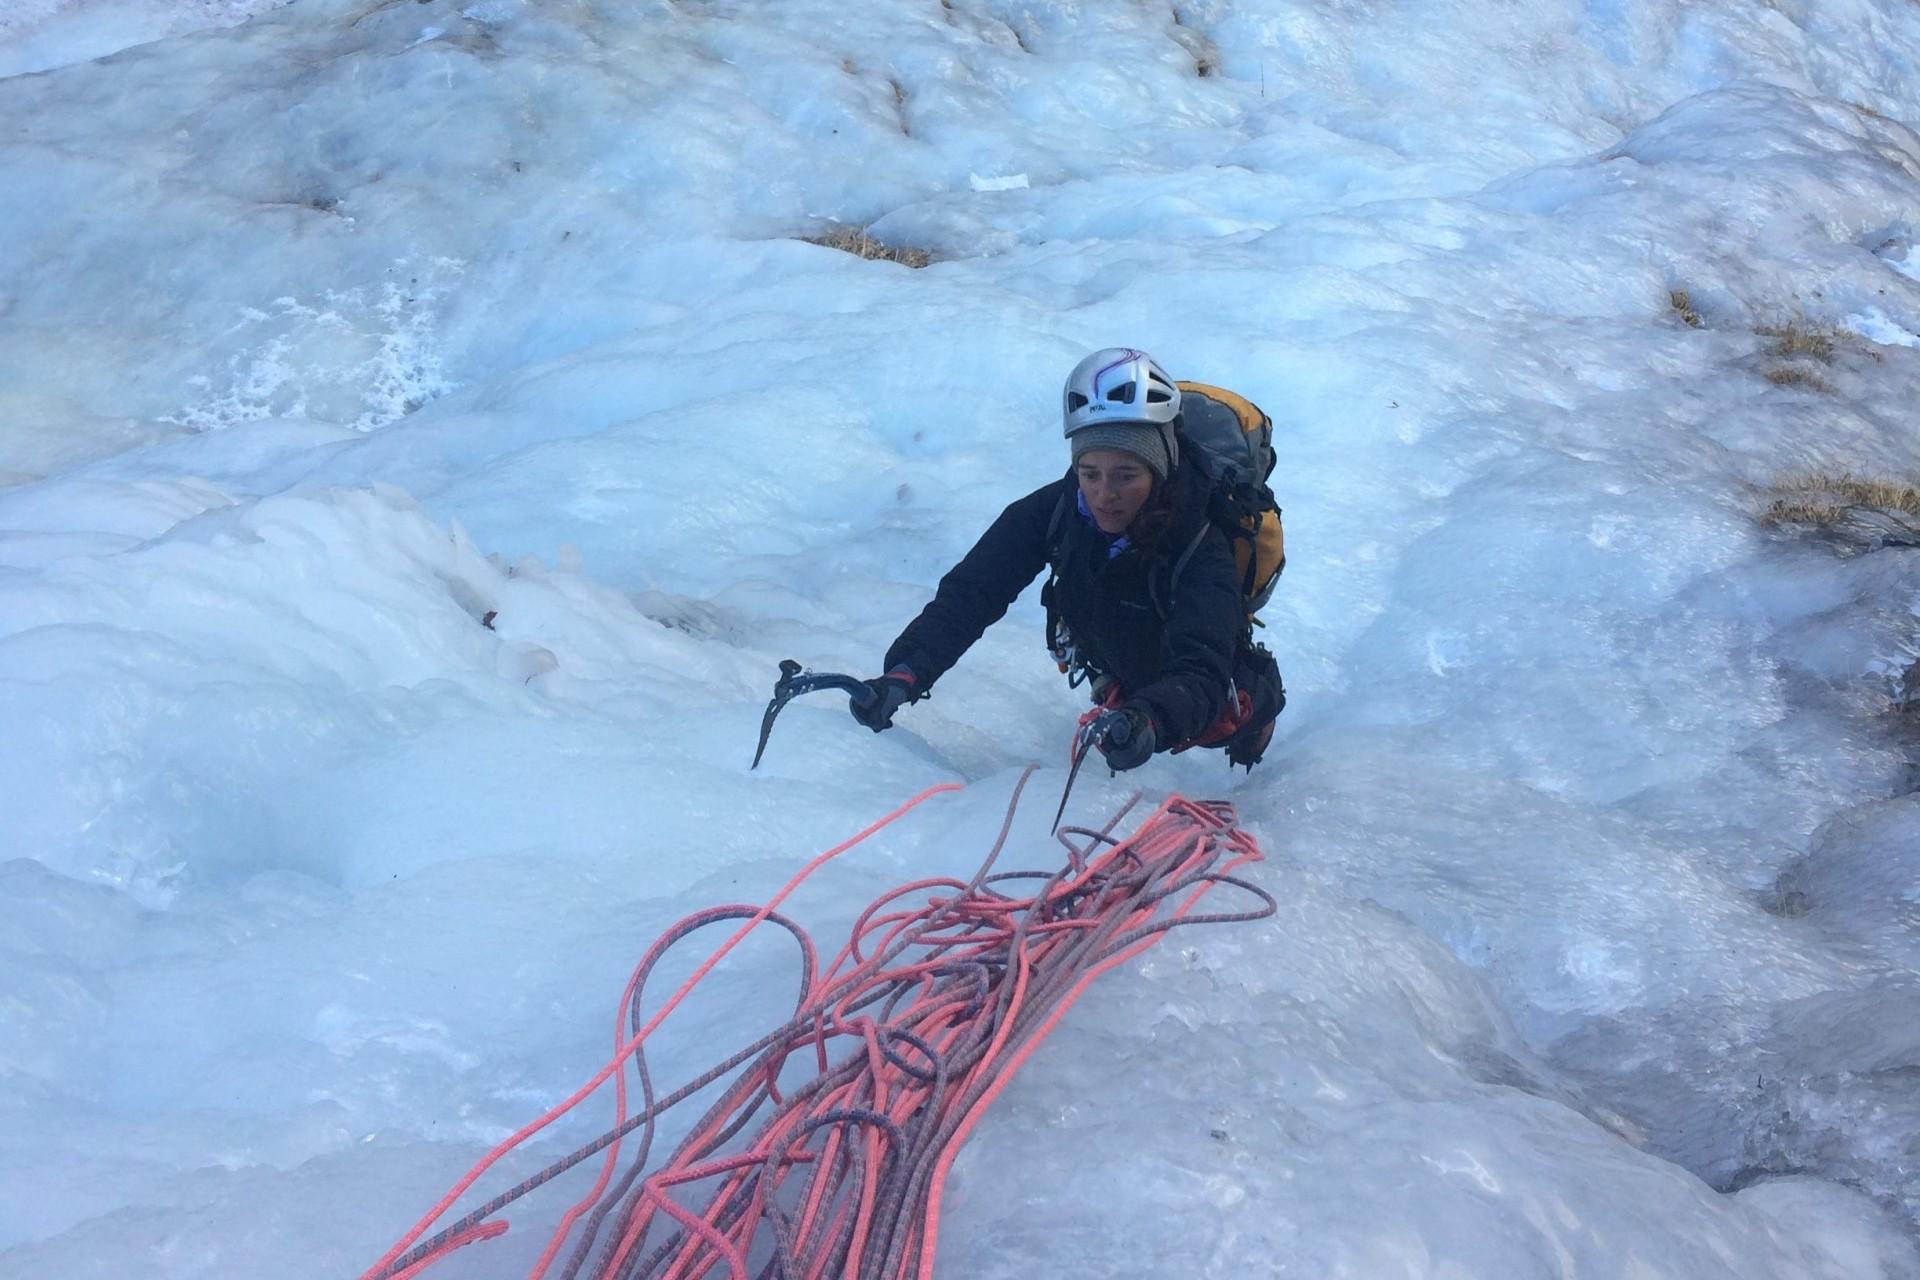 cascade de glace initiation journée avec cécile dans la vallée de Freissiniière dans les Hautes Alpes